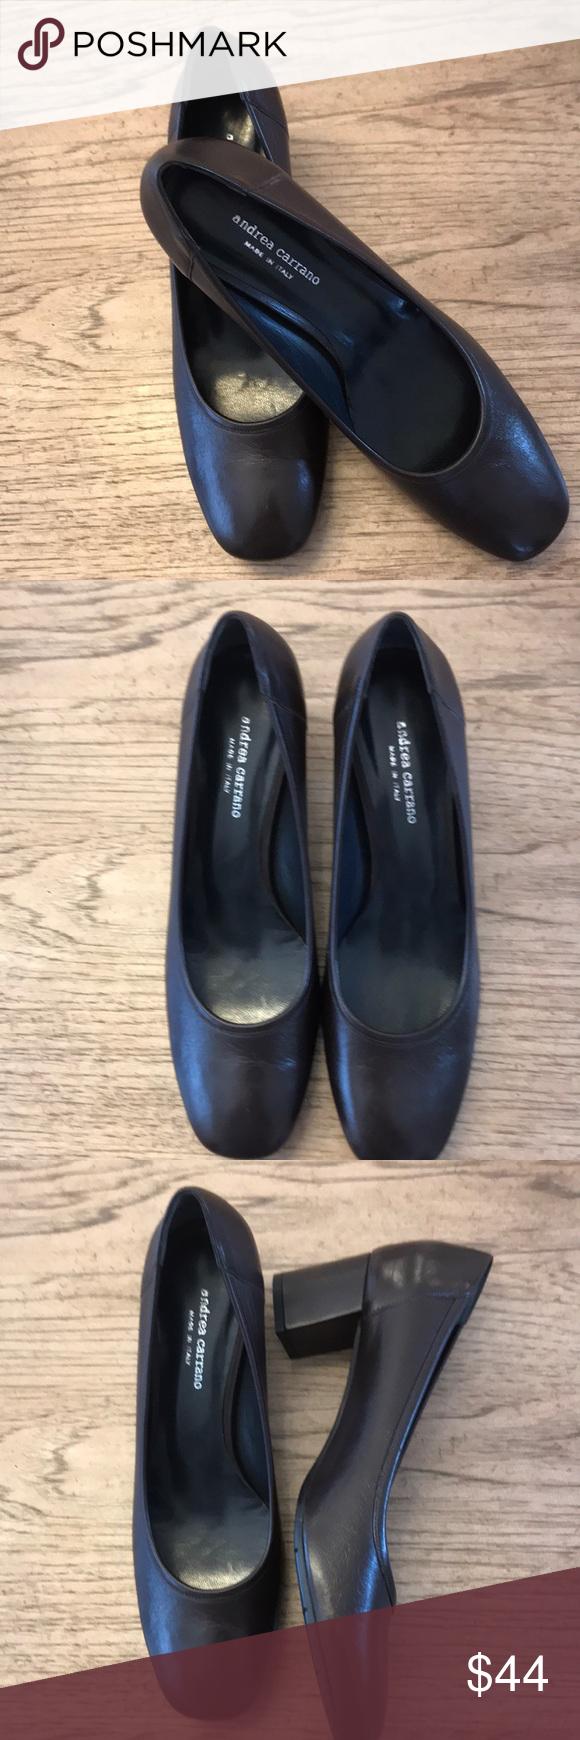 ANDREA CARRANO BROWN 2.25 Inch heel NWT